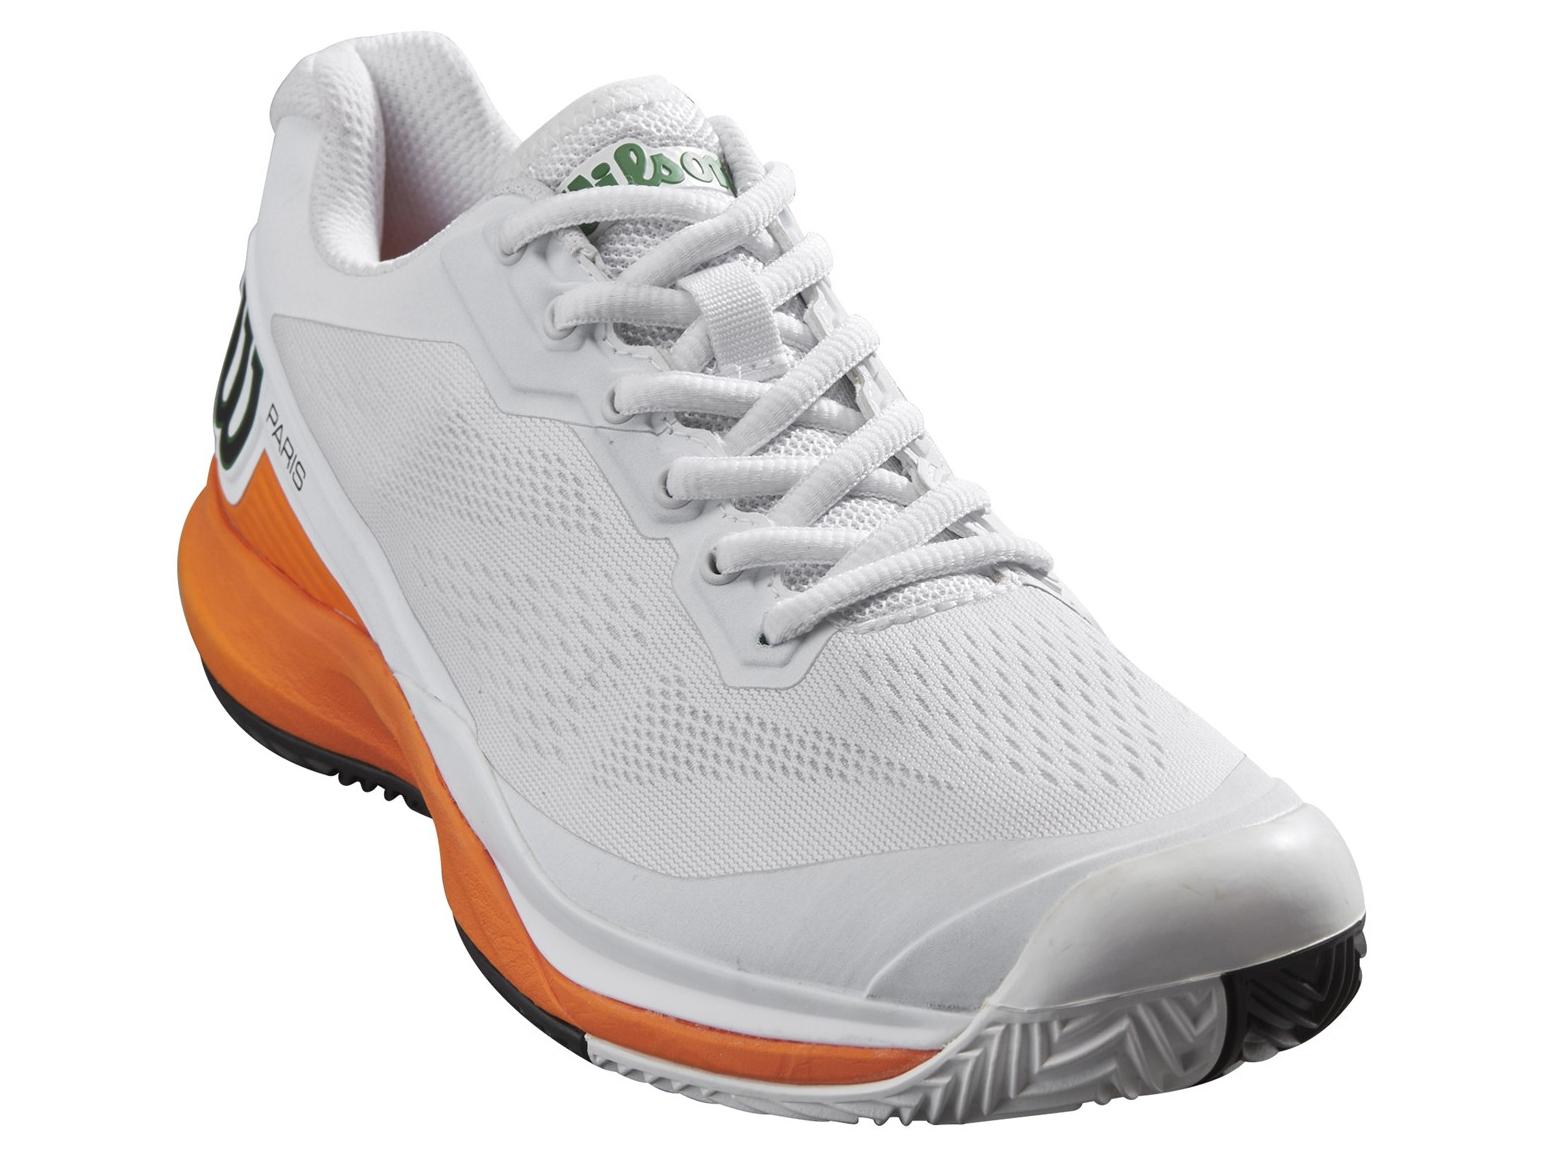 Giày tennis